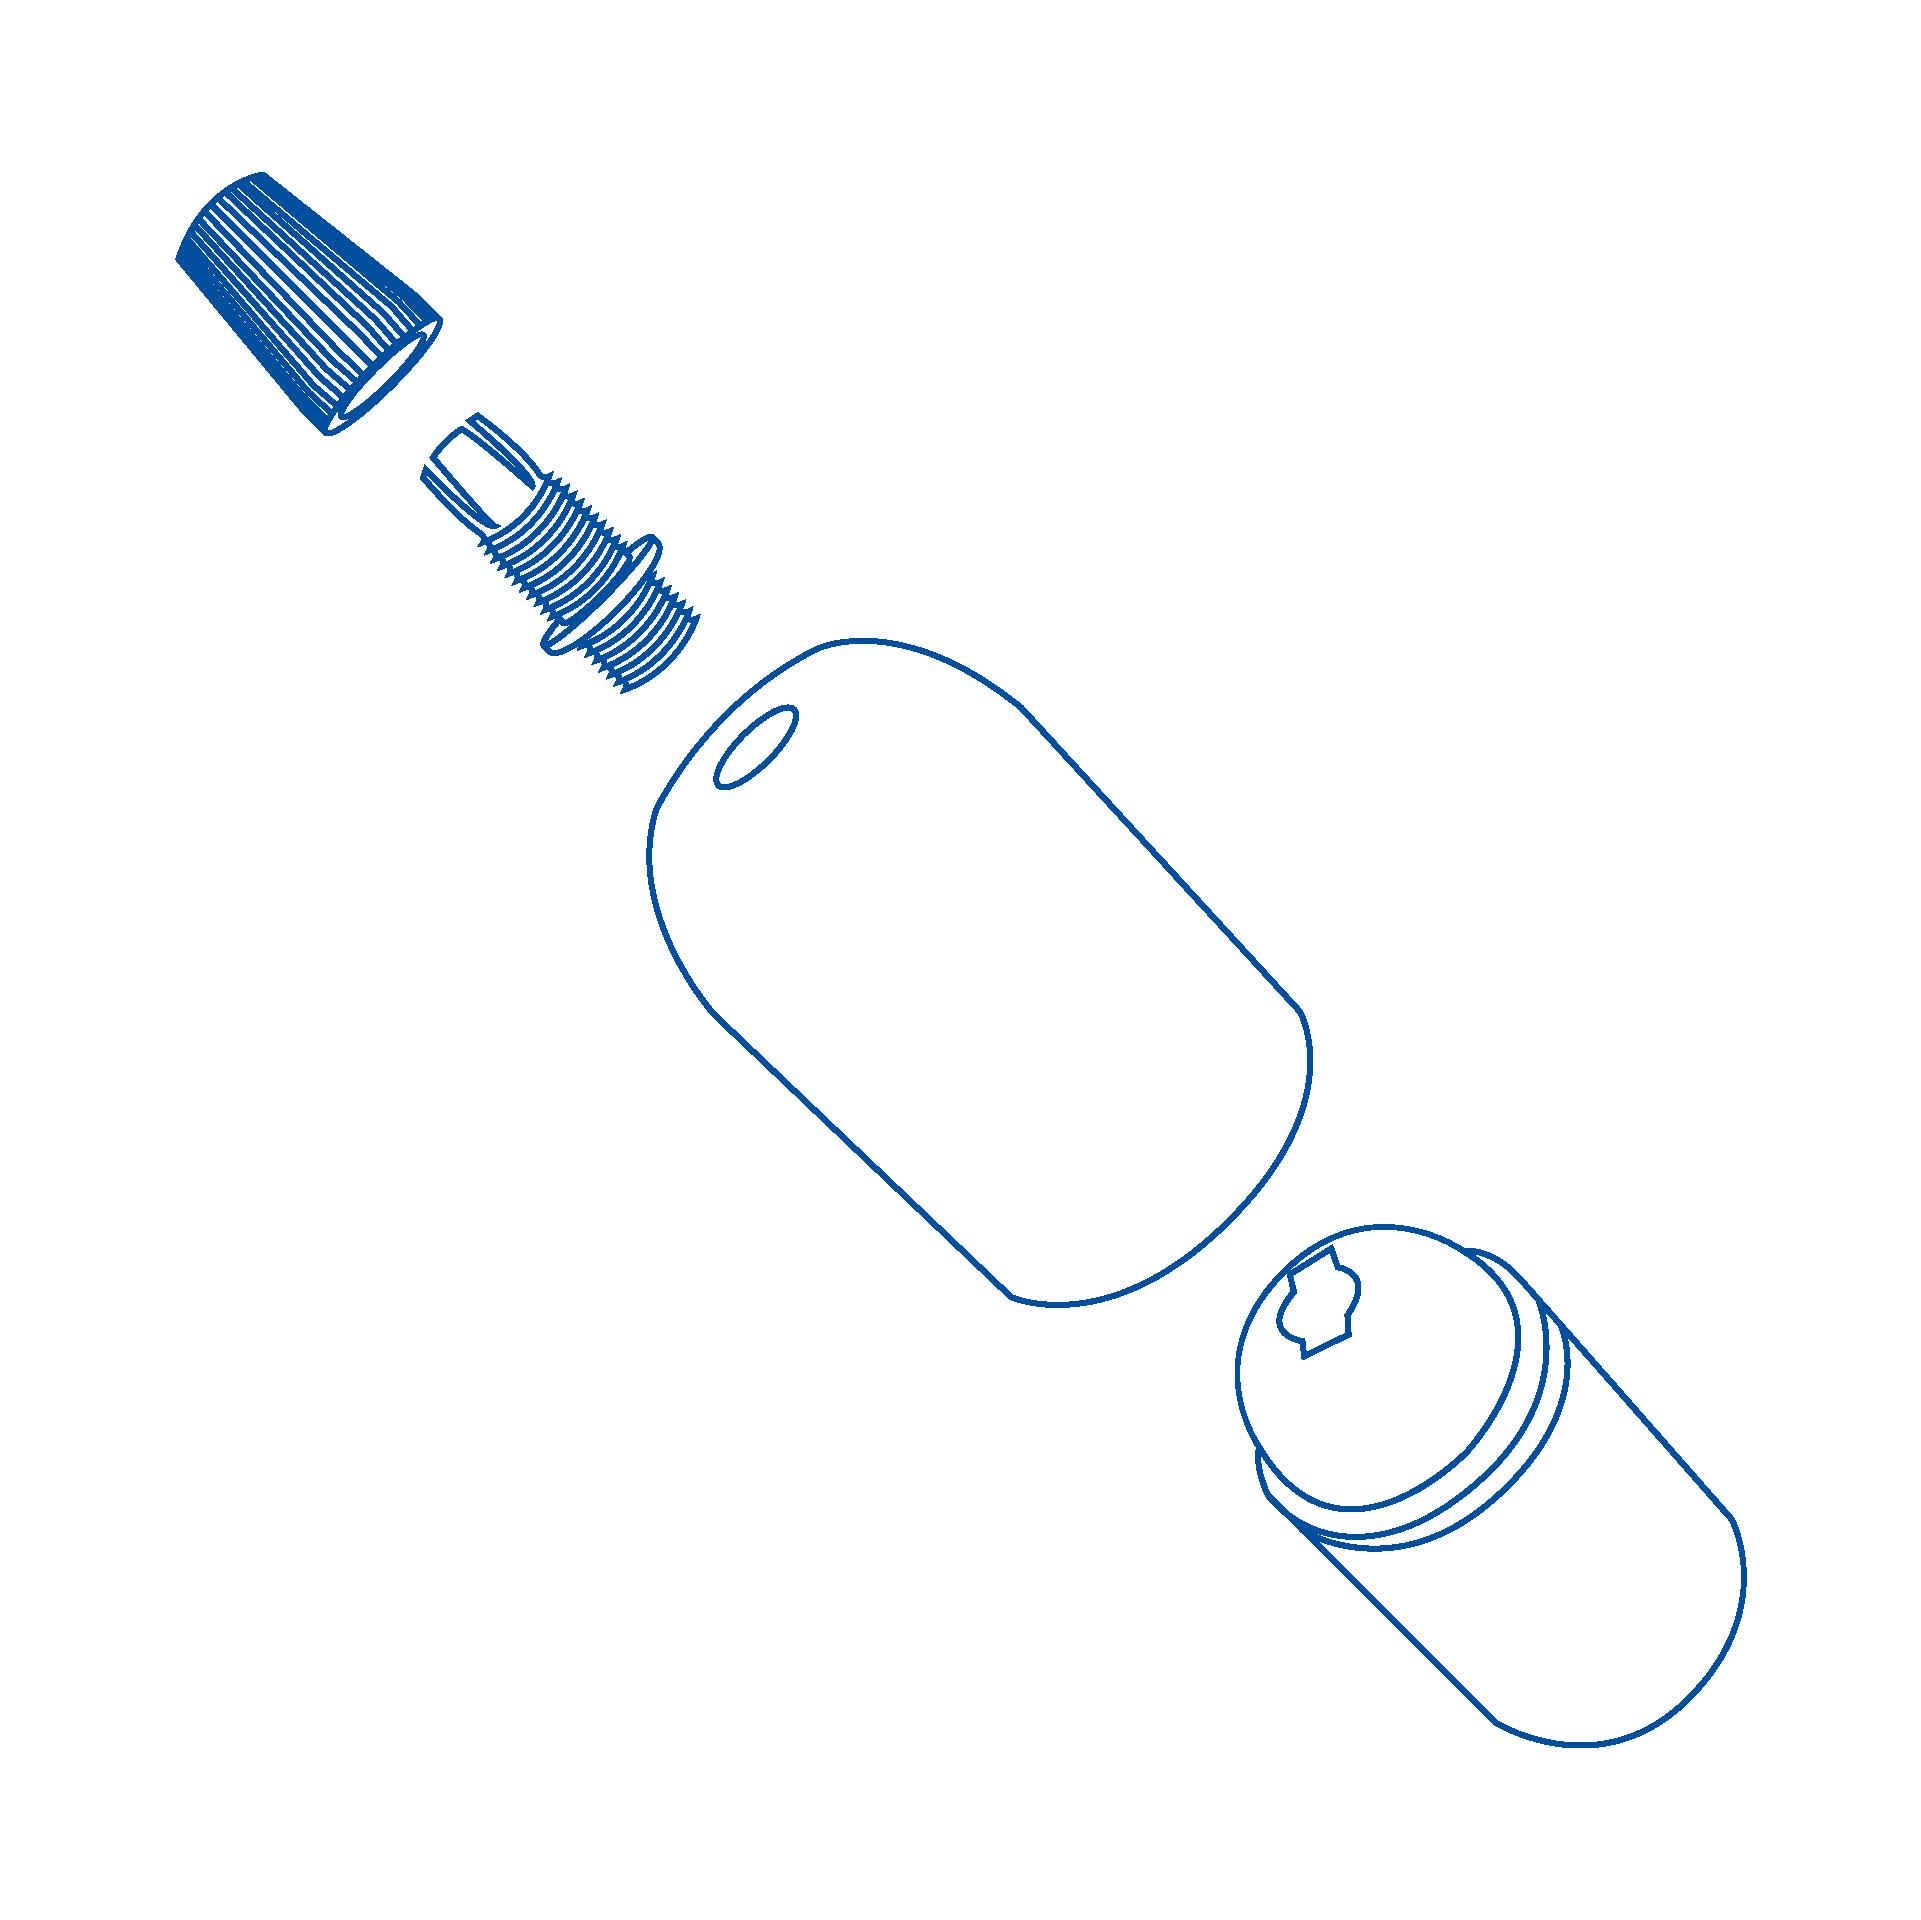 disegni esplosi _bicchierino cilindrico